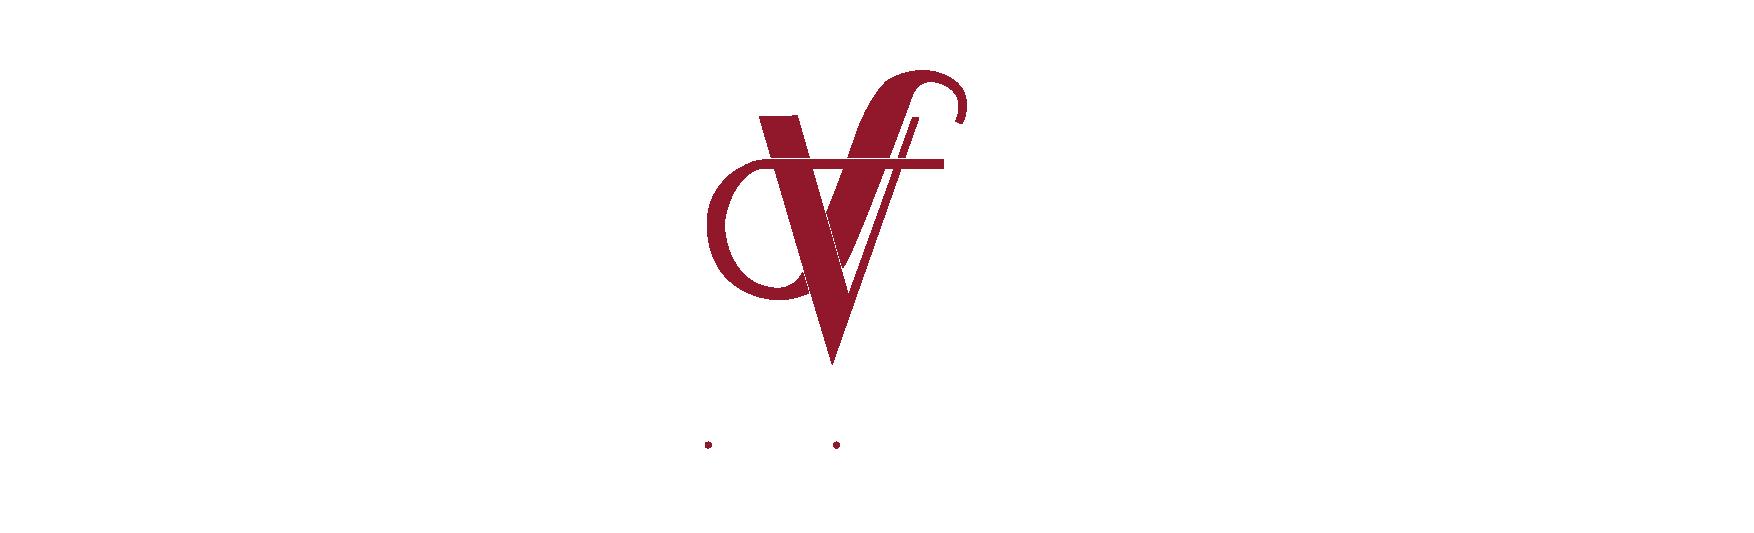 vwf_logo_slogan_white